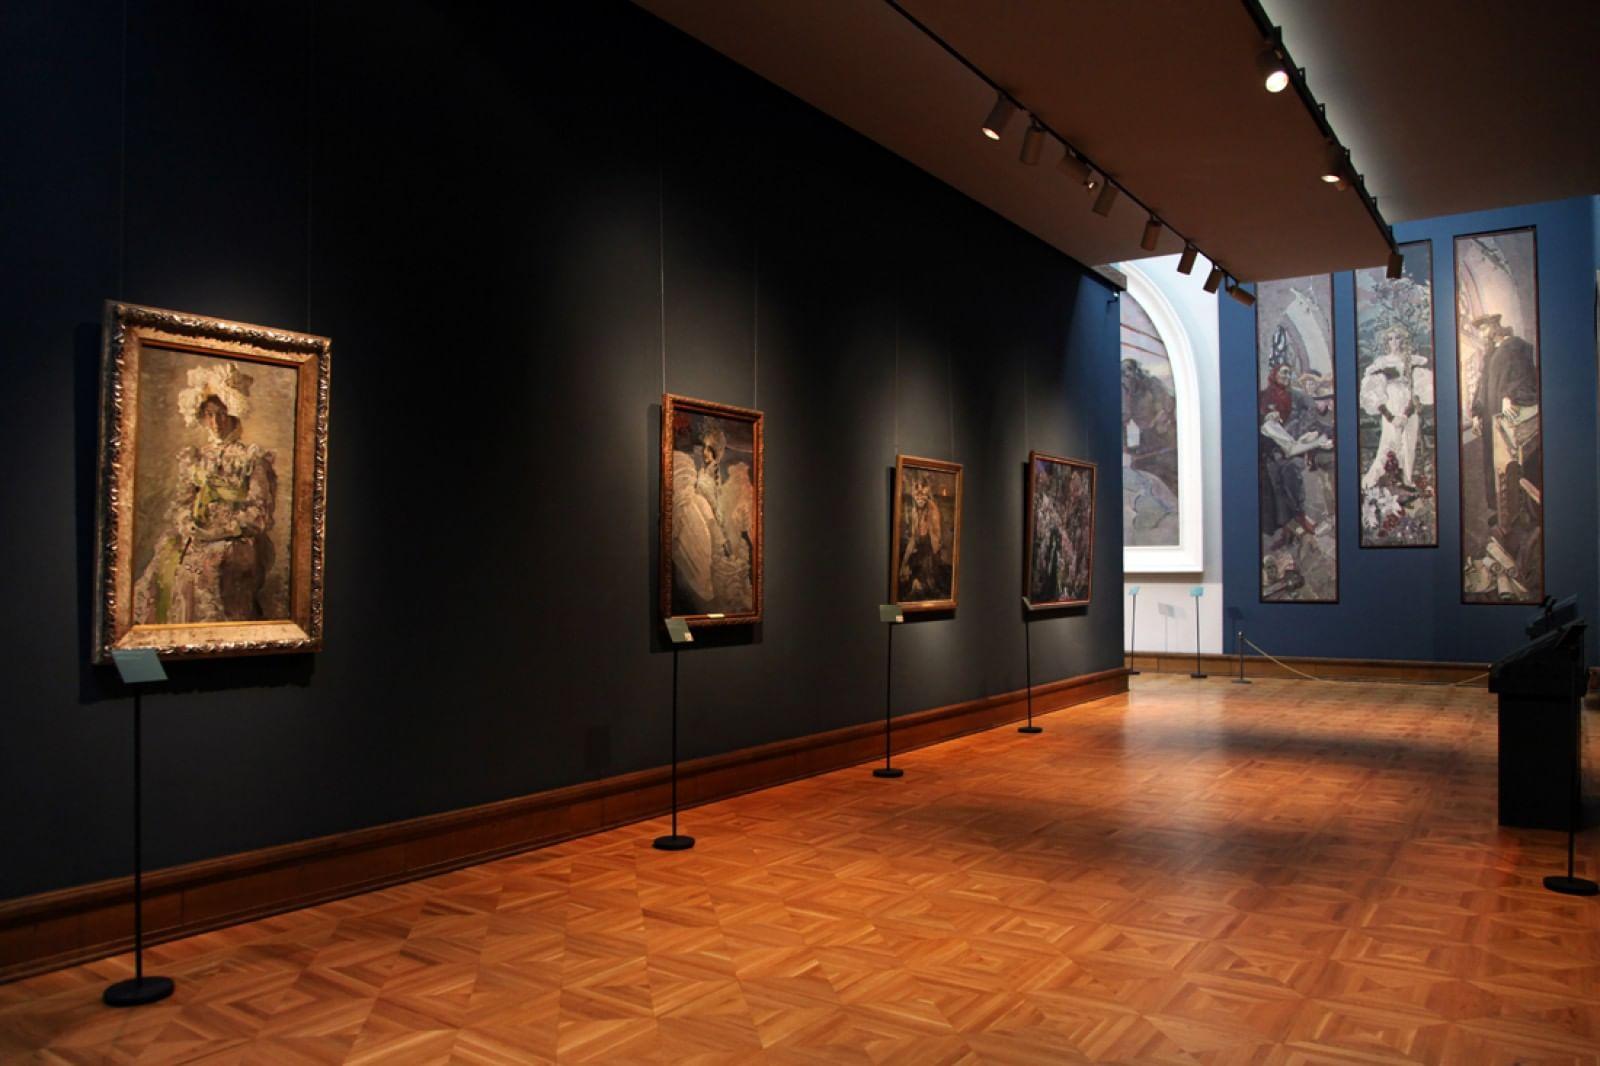 Картинки по запросу Музеи и галереи москва